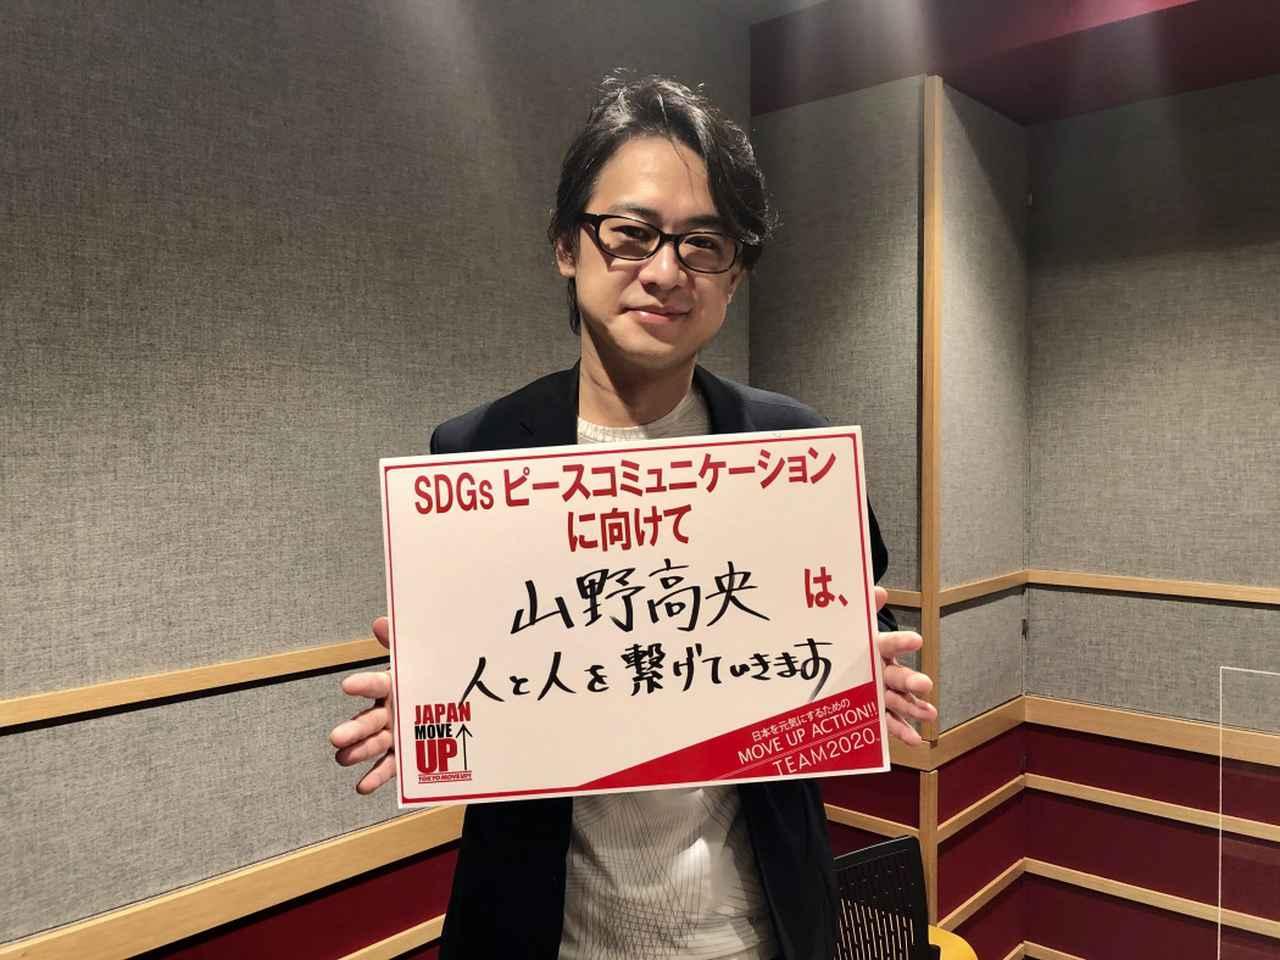 画像: 六本木最大級のナイトクラブが誕生 山野高央さん(ZEUS GARDENプロデューサー)